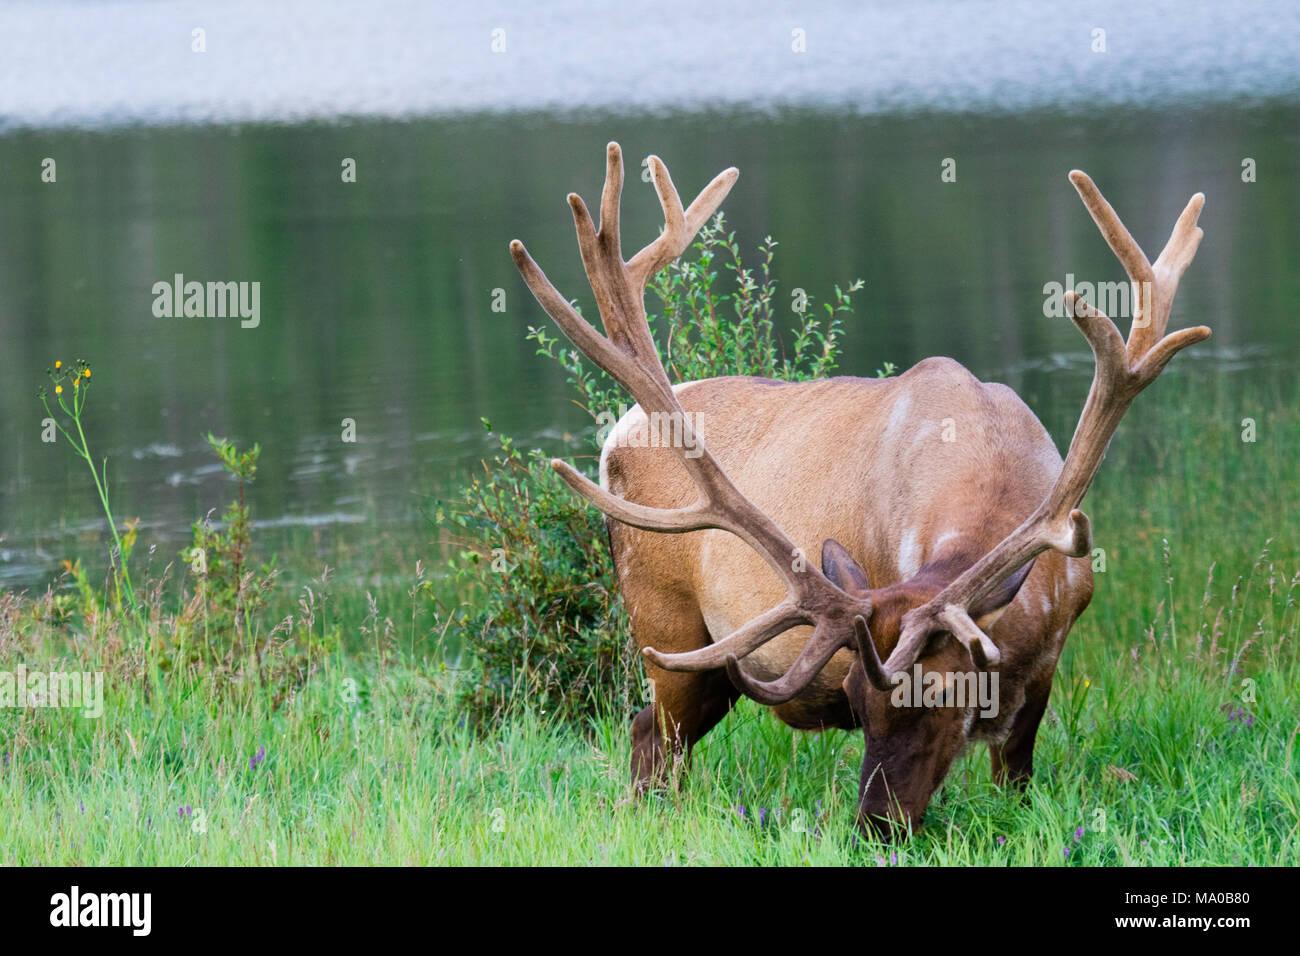 Bull elk feeding in a tall grass. Jasper, Alberta, Canada. - Stock Image